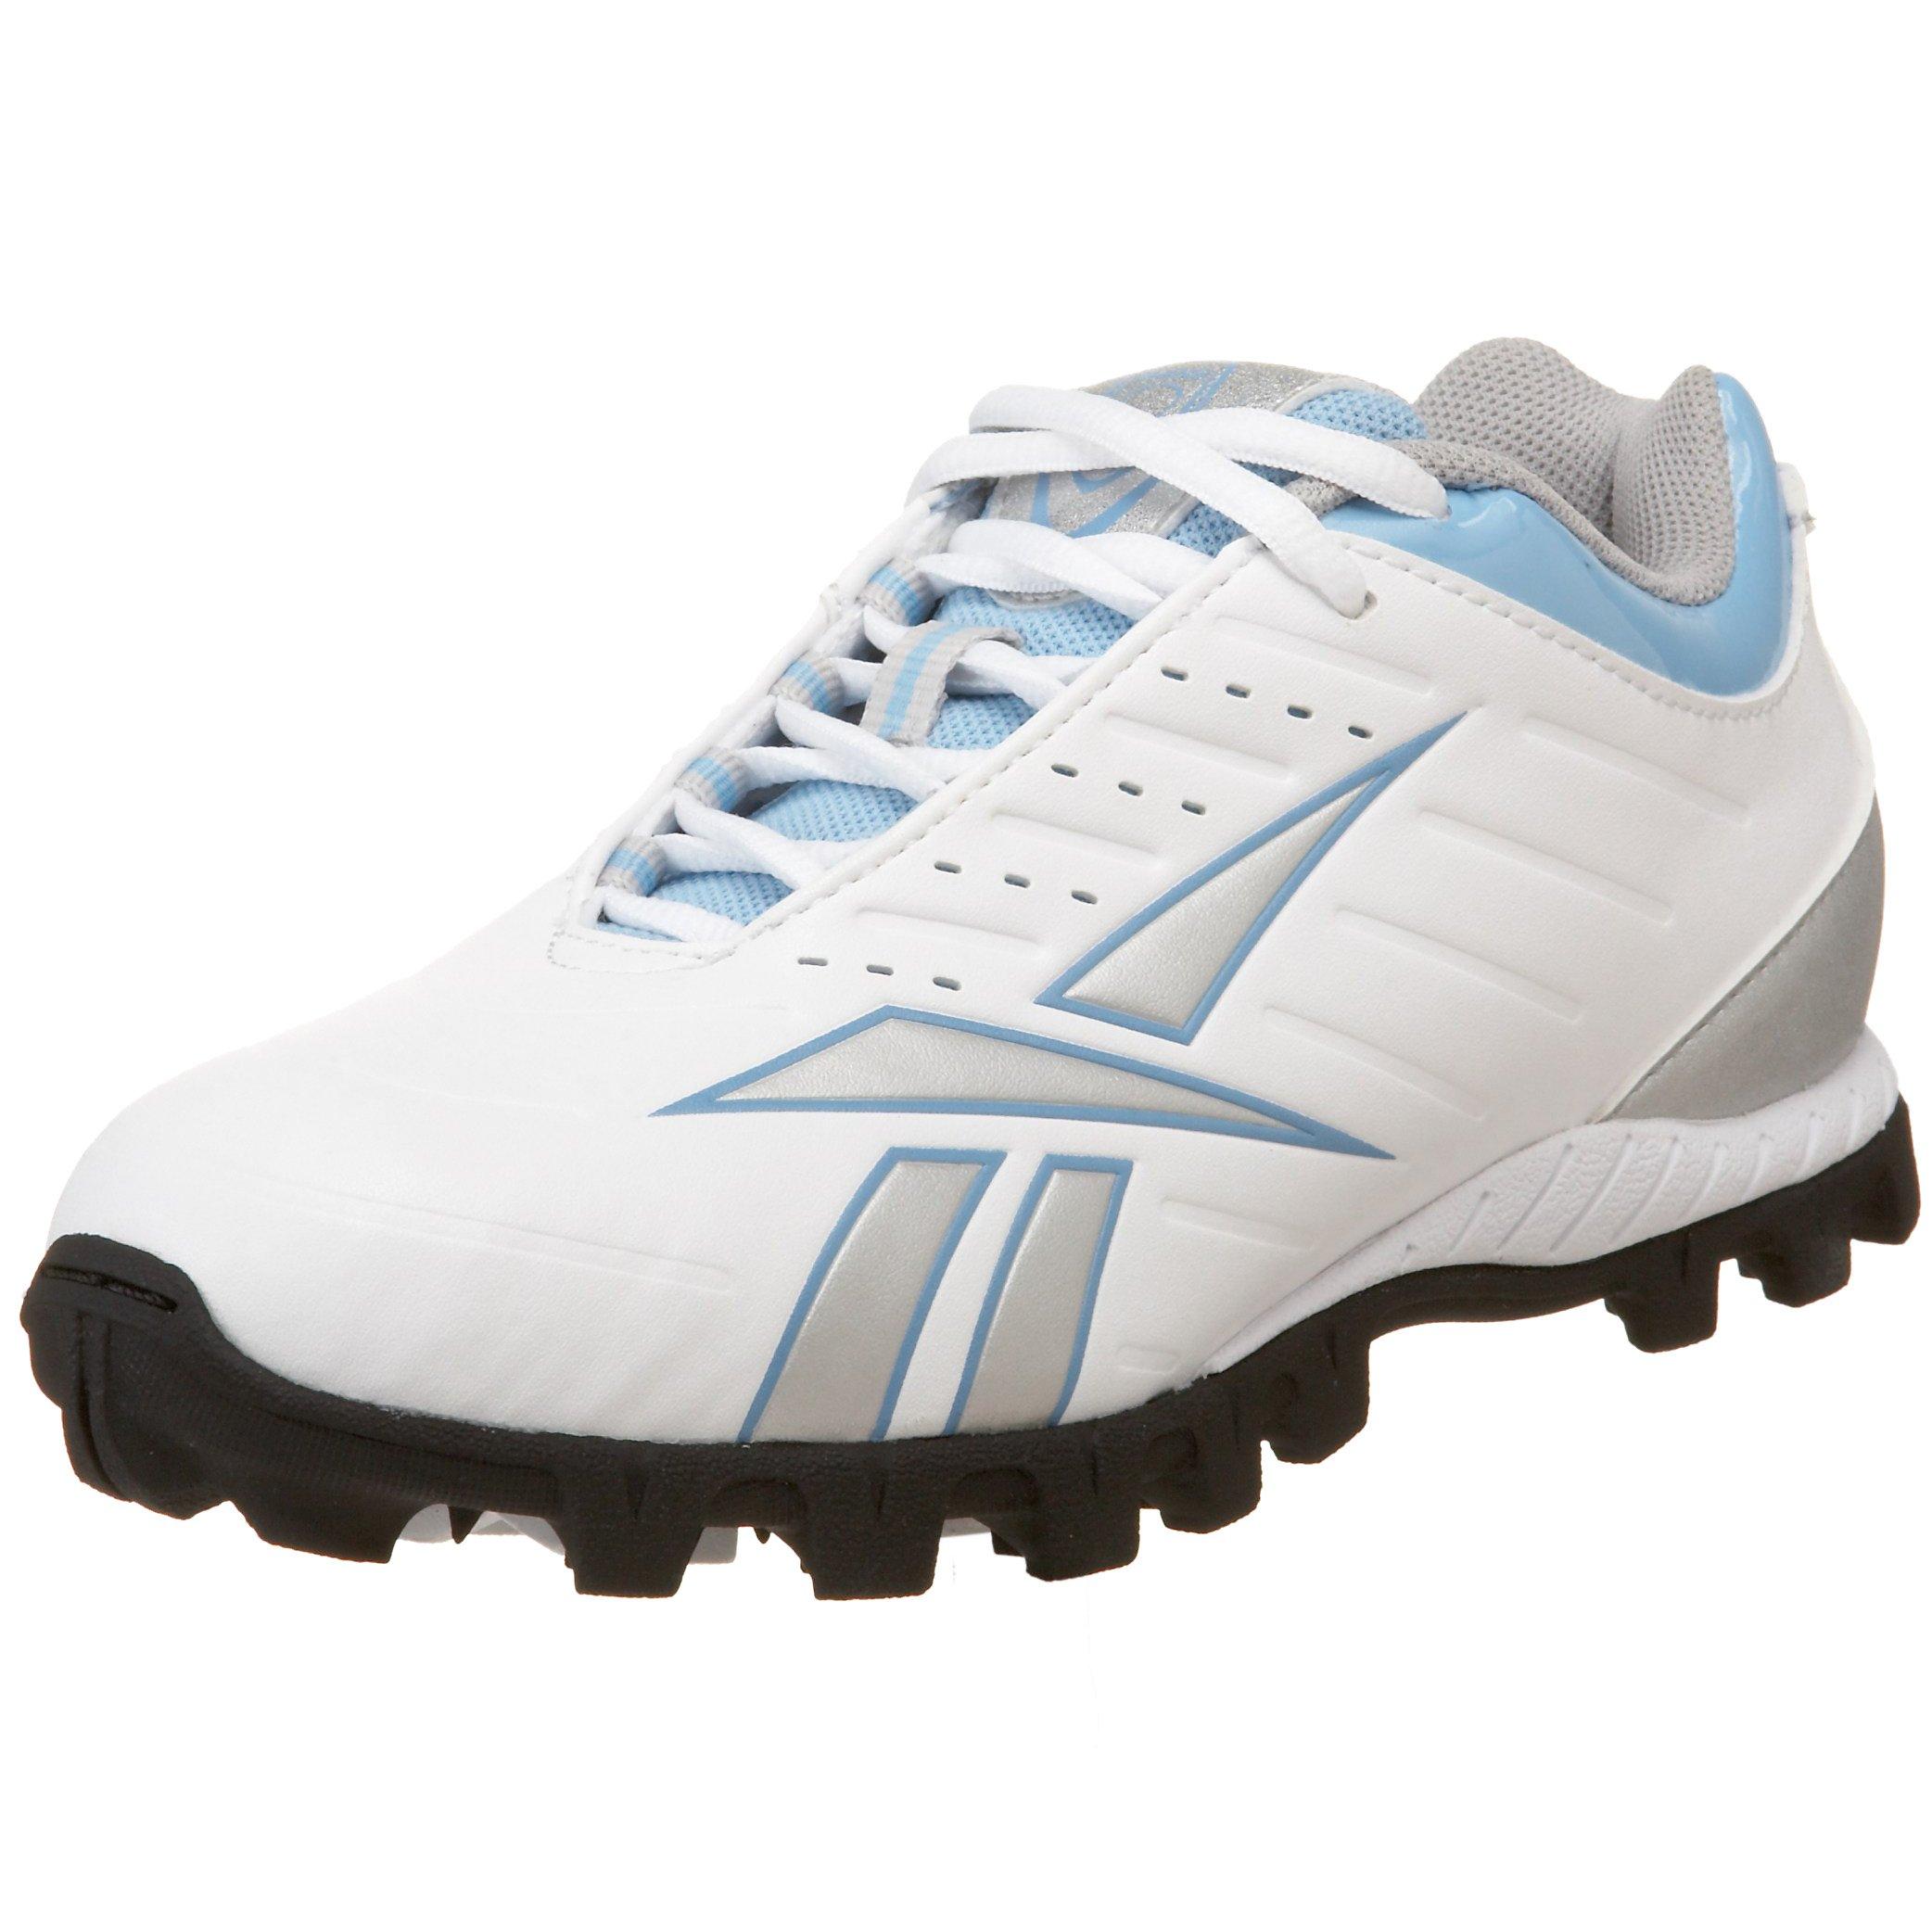 Reebok Women's Whippet Low at III Lacrosse Shoe,White/Silver/Blue/Black,11.5 M US by Reebok